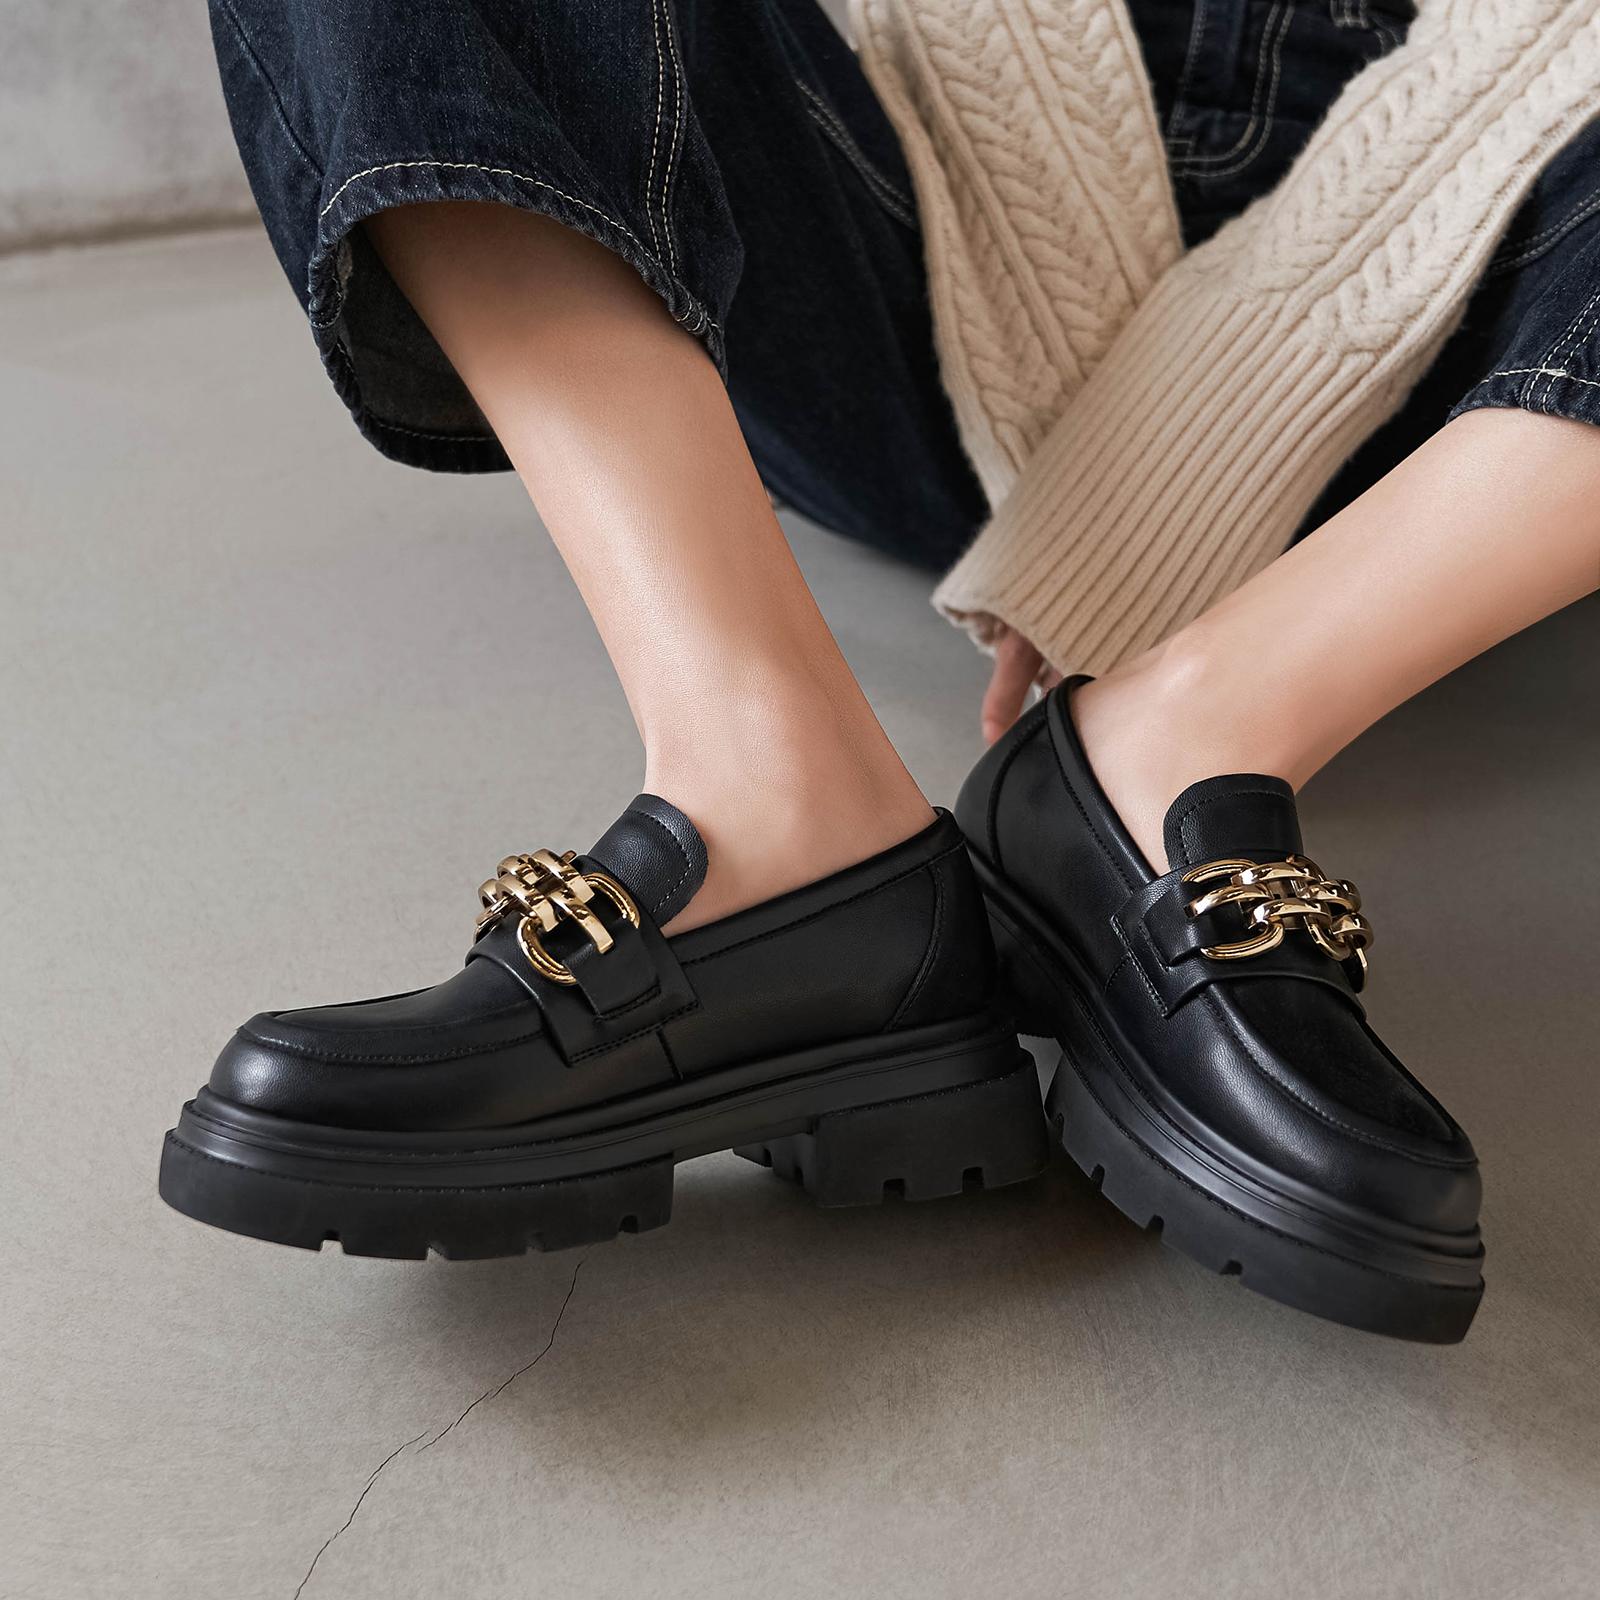 玛速主义 链条英伦风复古小皮鞋女夏2021新款百搭厚底单鞋乐福鞋